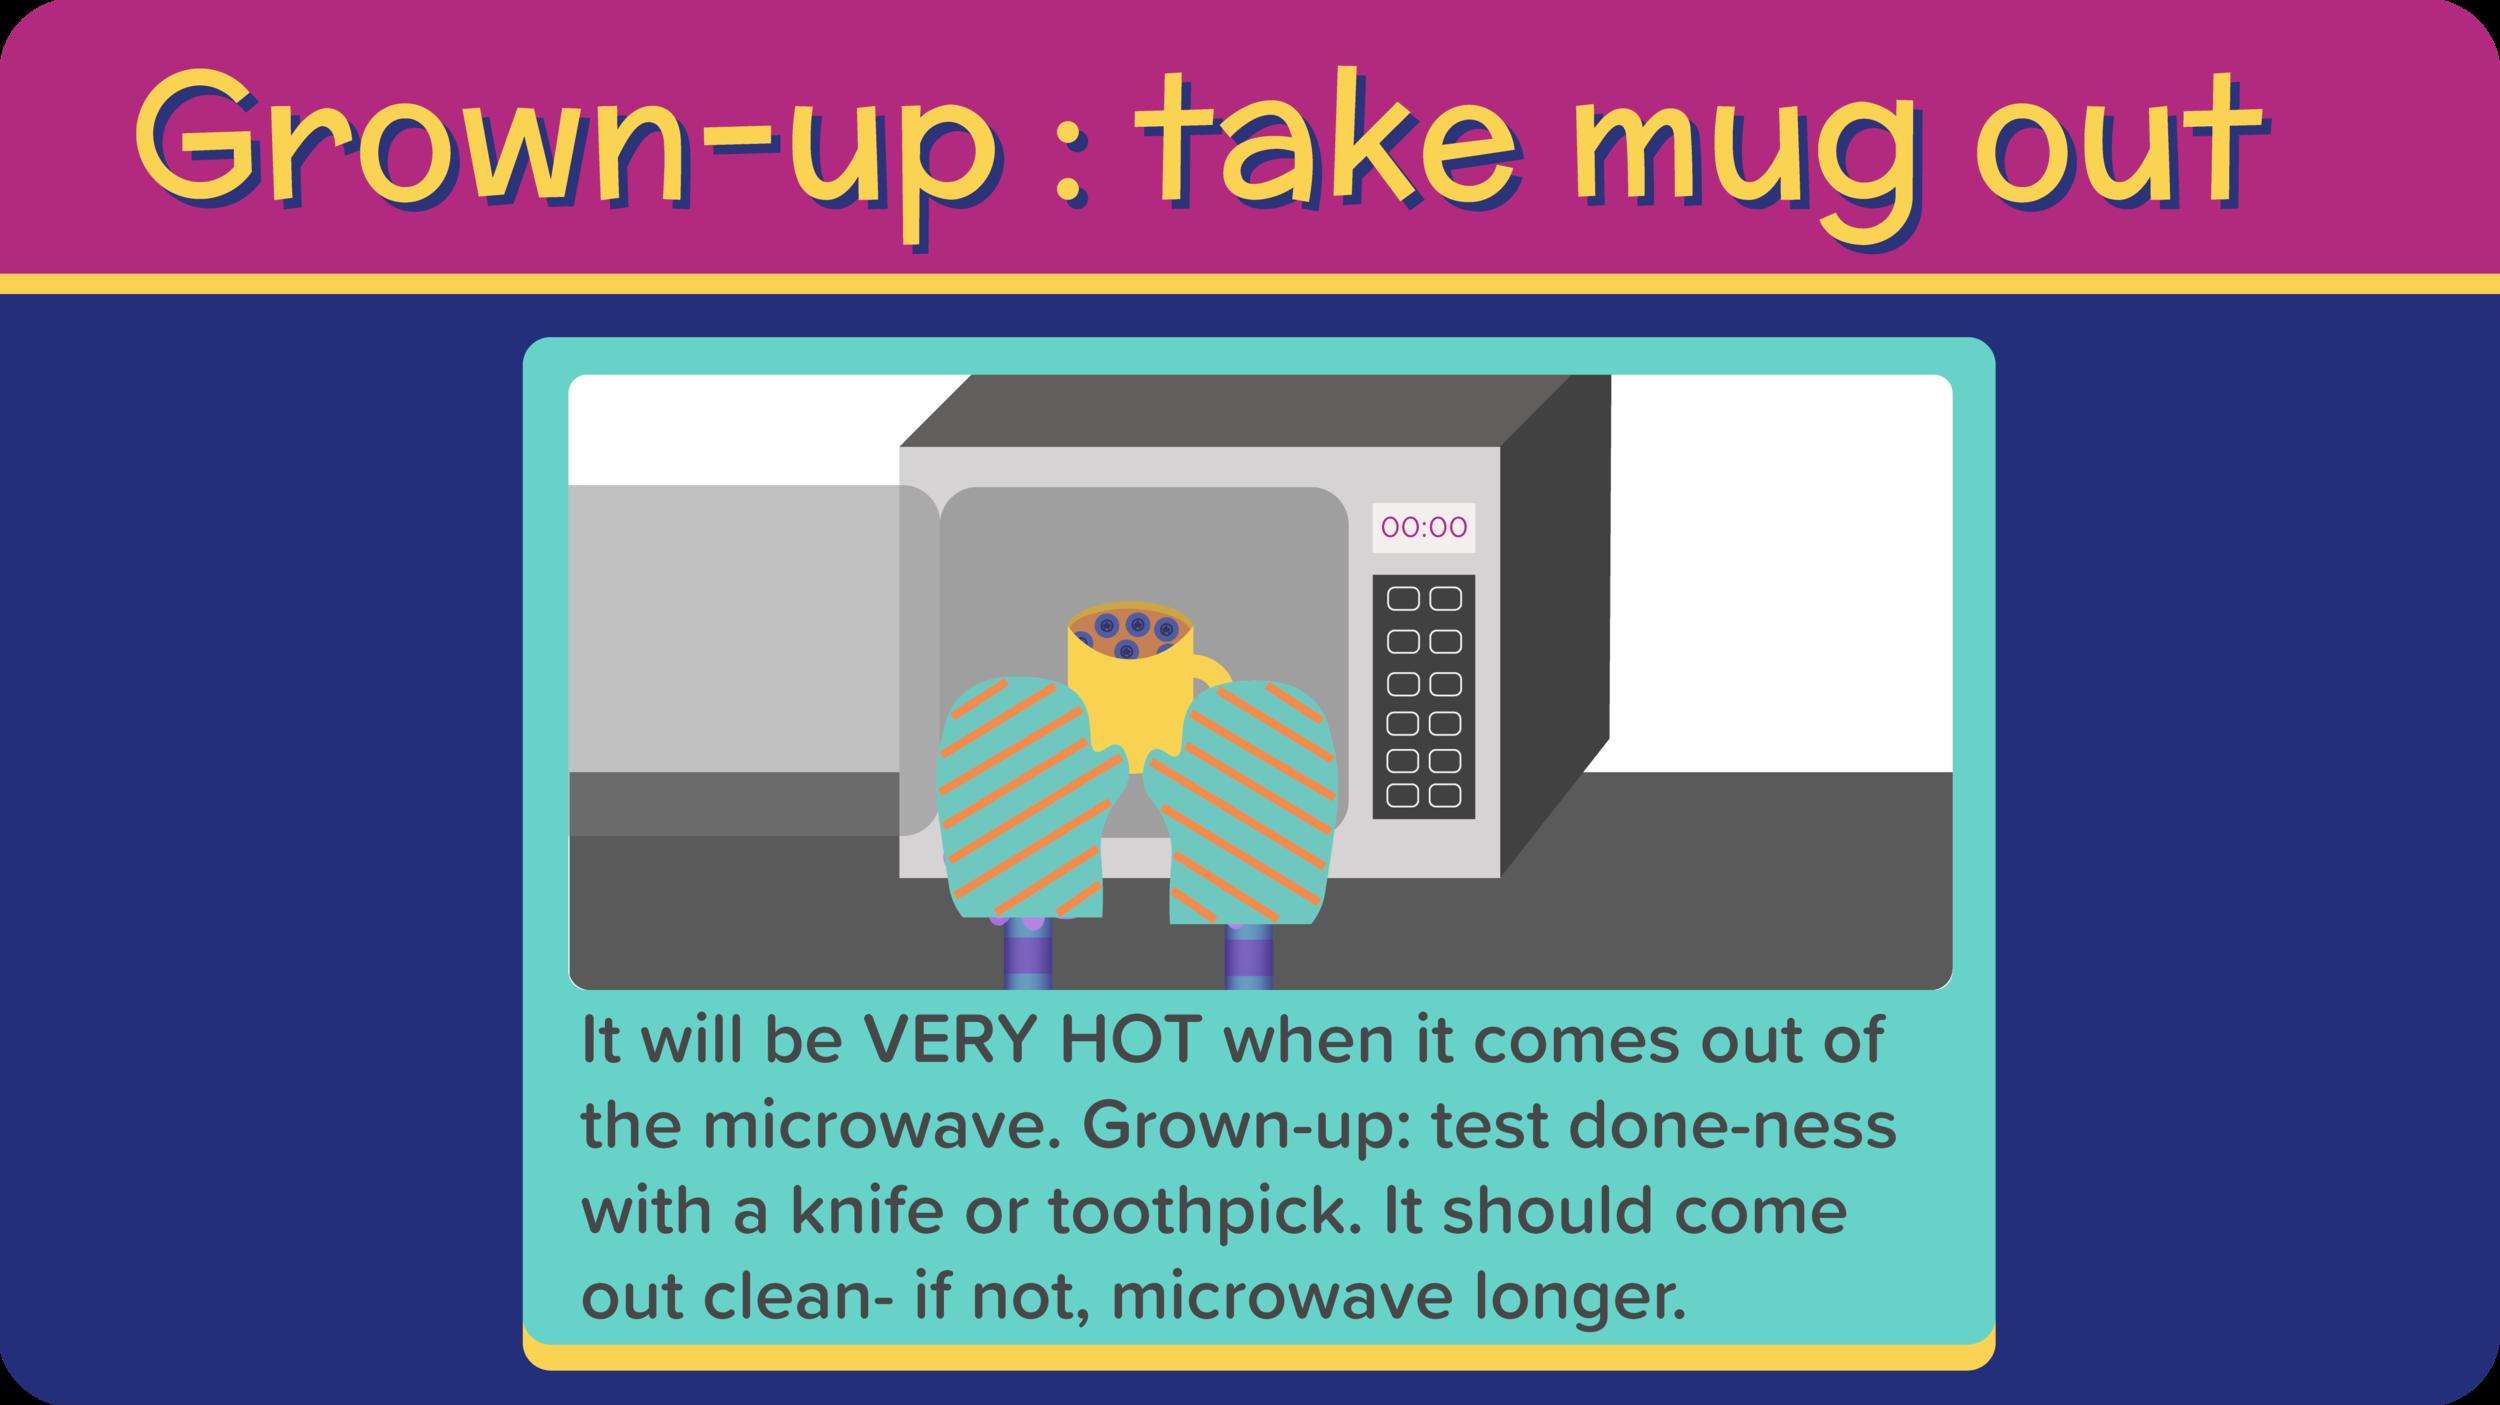 22_BlueberryMugMuffin_take mug out-01.png